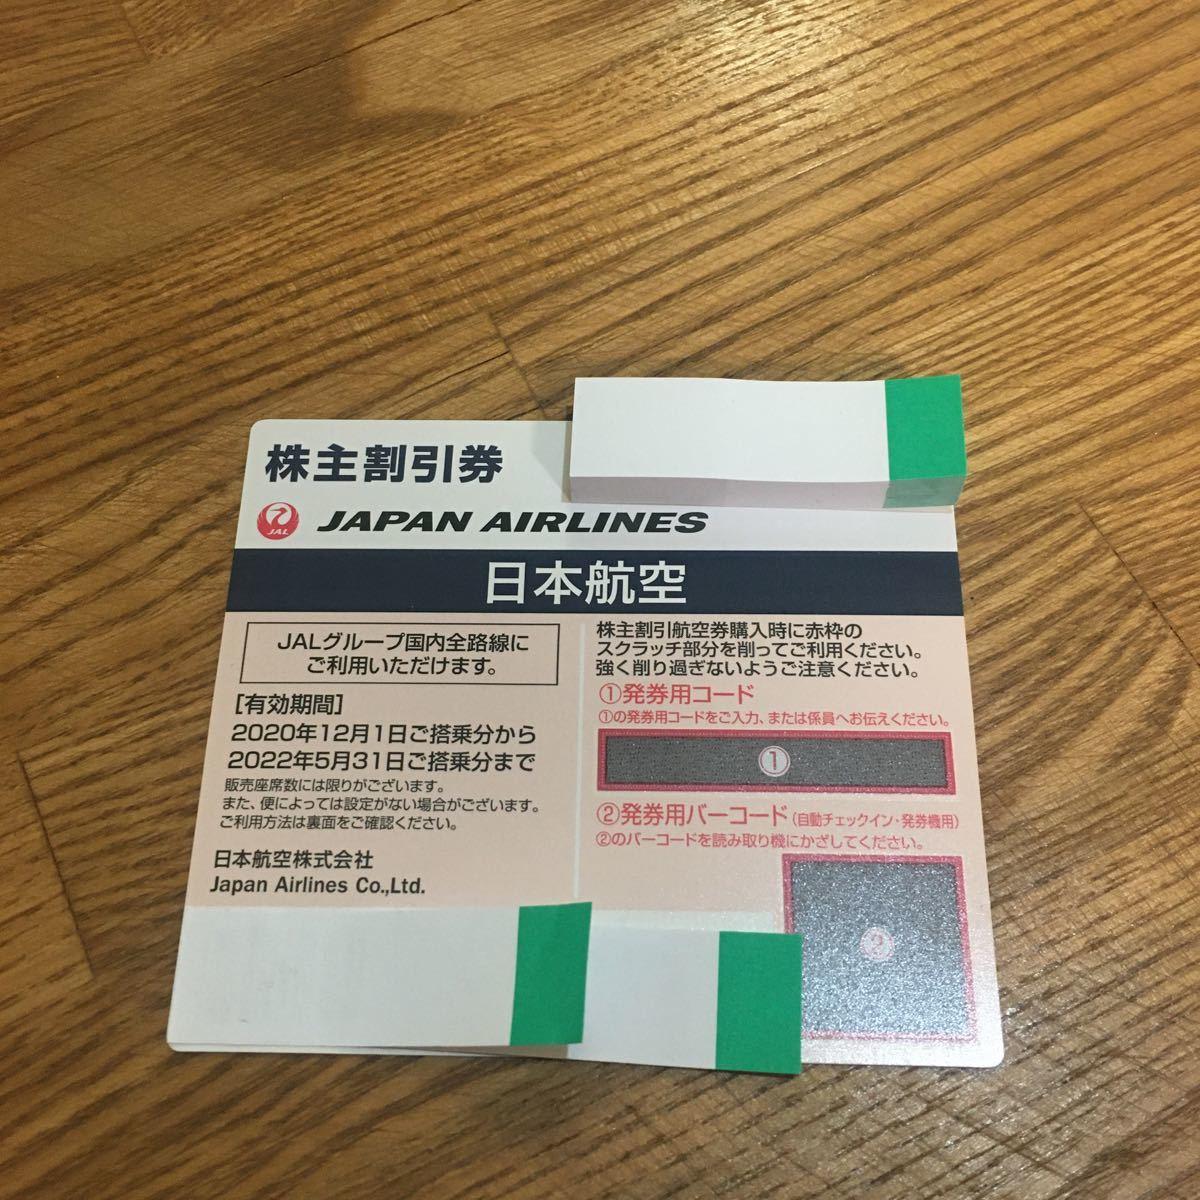 JAL 日本航空 株主優待券1枚 50%割引(片道)番号通知のみ送料無料  ~2022年5月31日 搭乗分 航空券 割引券_画像1